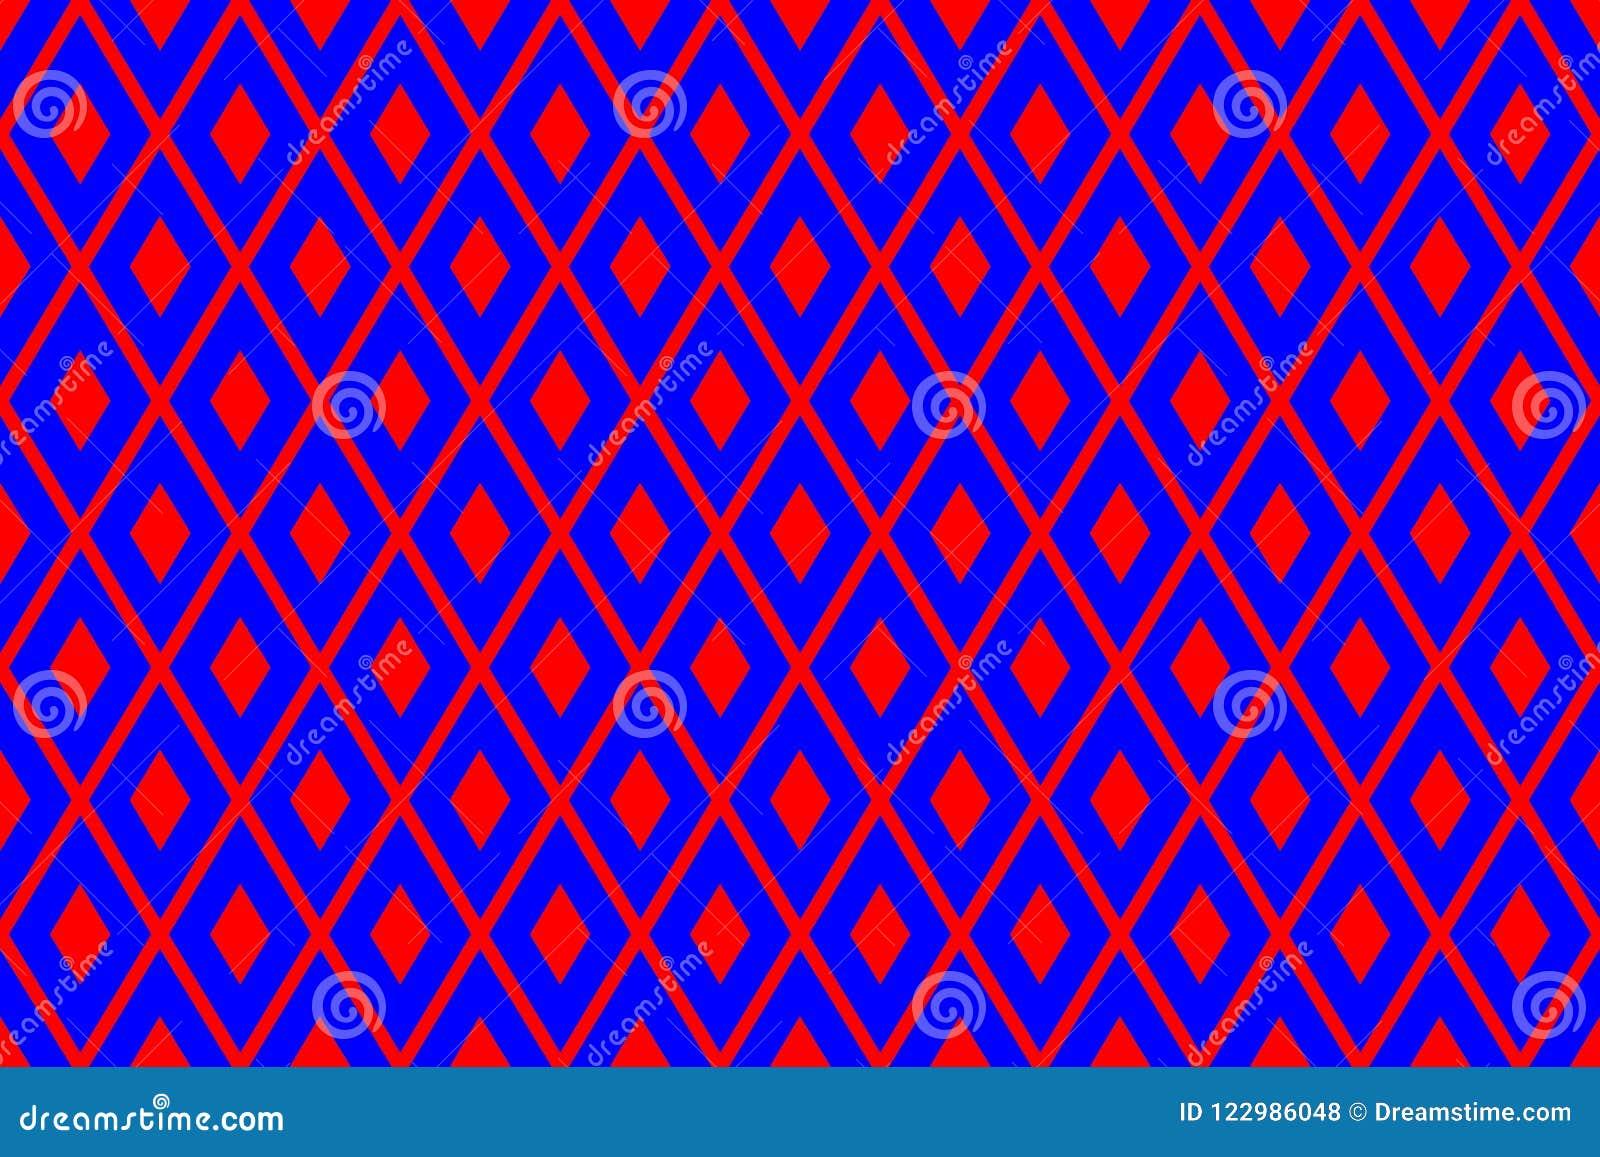 Σύσταση από τα κόκκινα rhombs στο μπλε υπόβαθρο